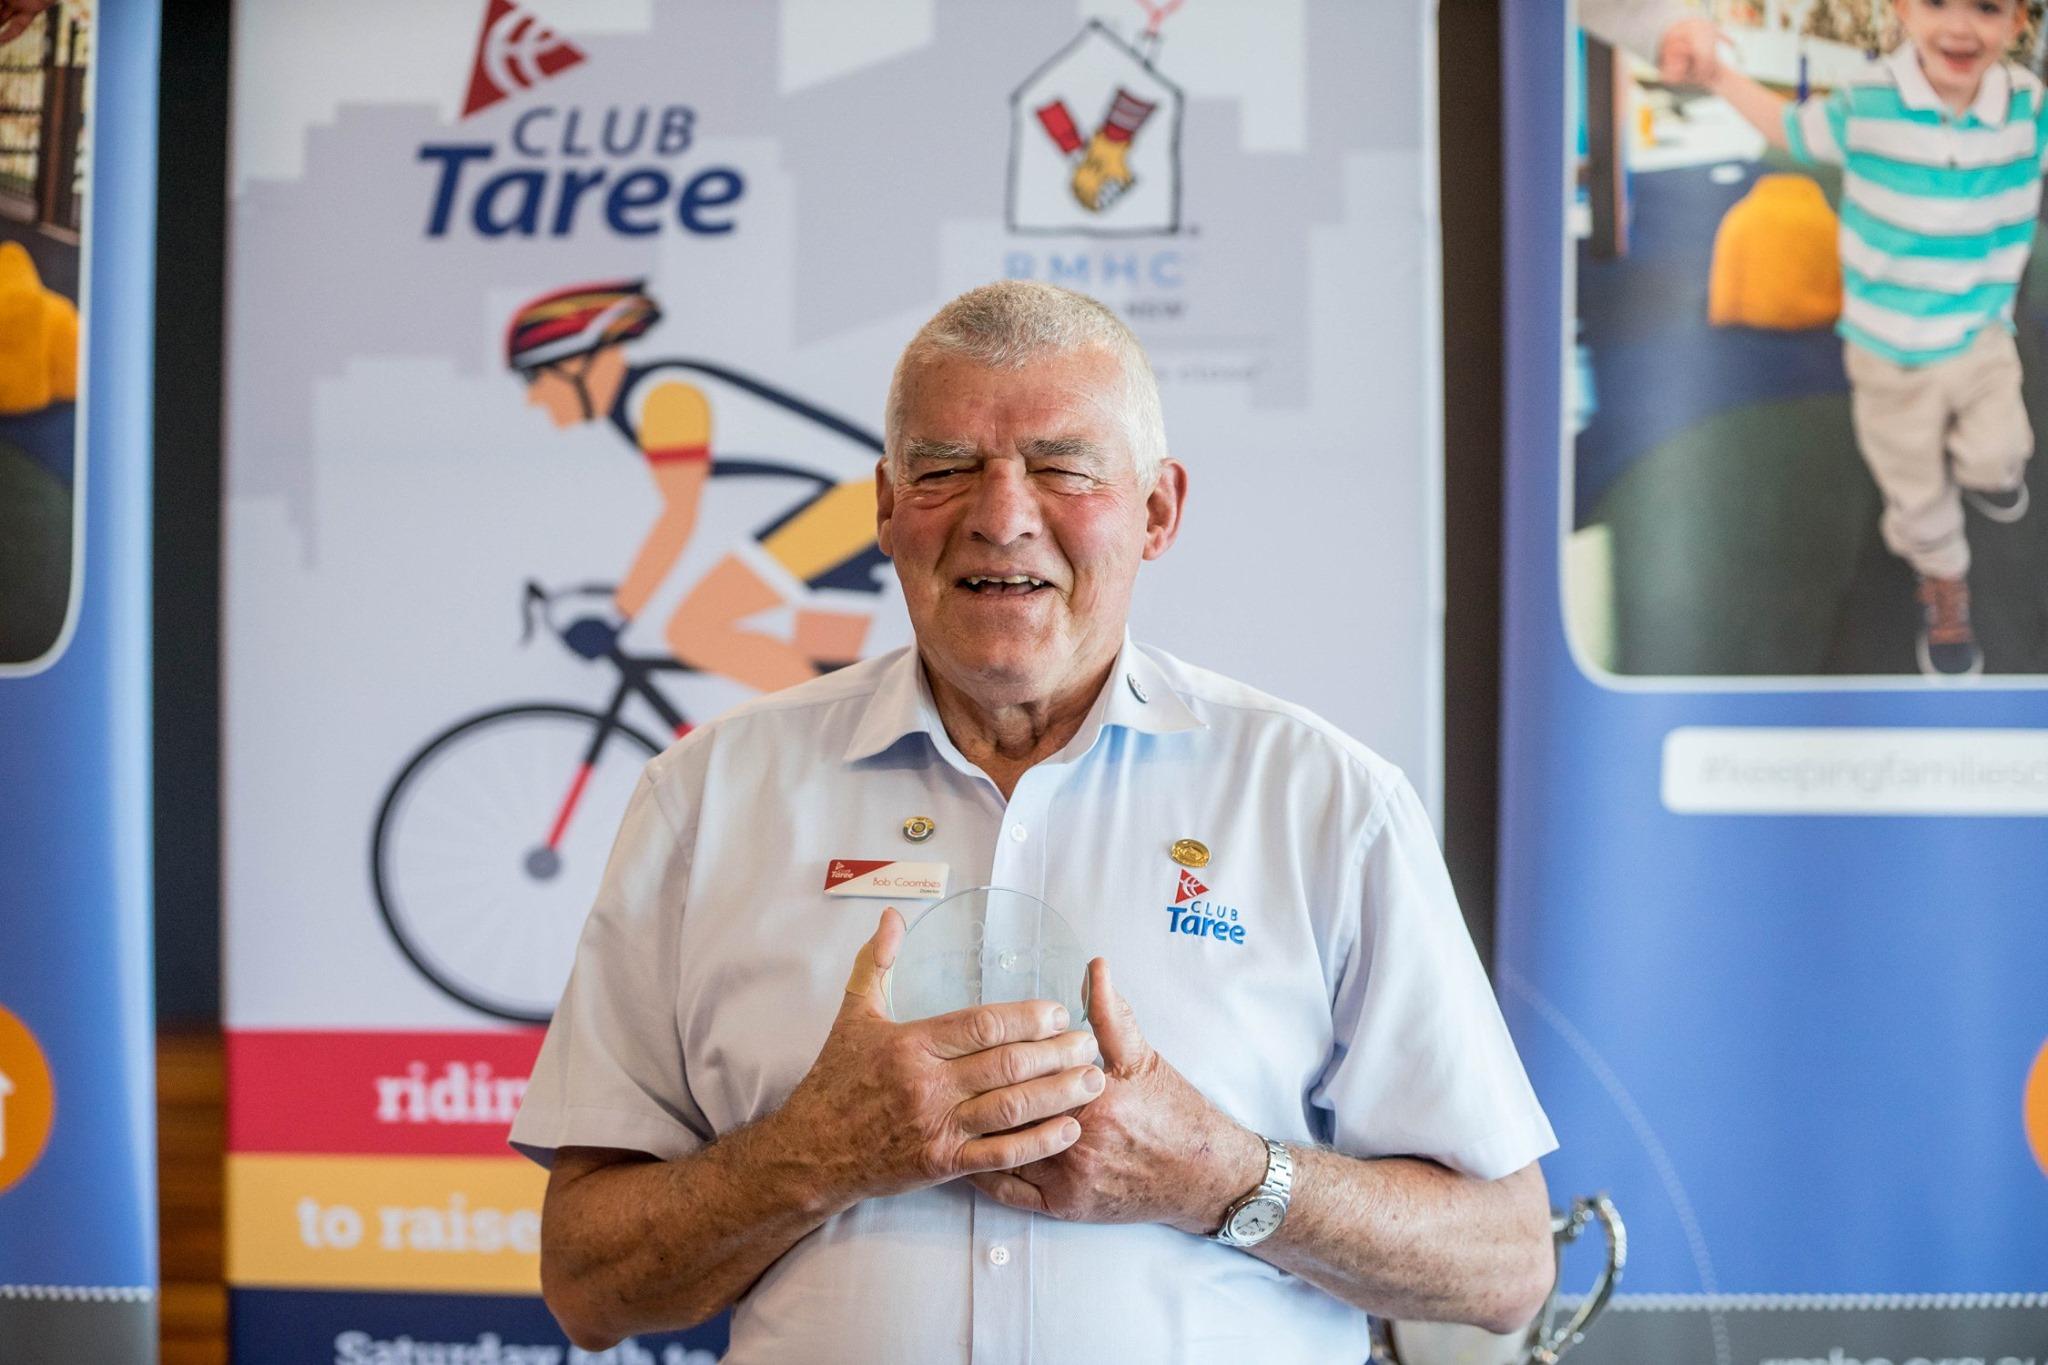 Club Taree FB 2.jpg